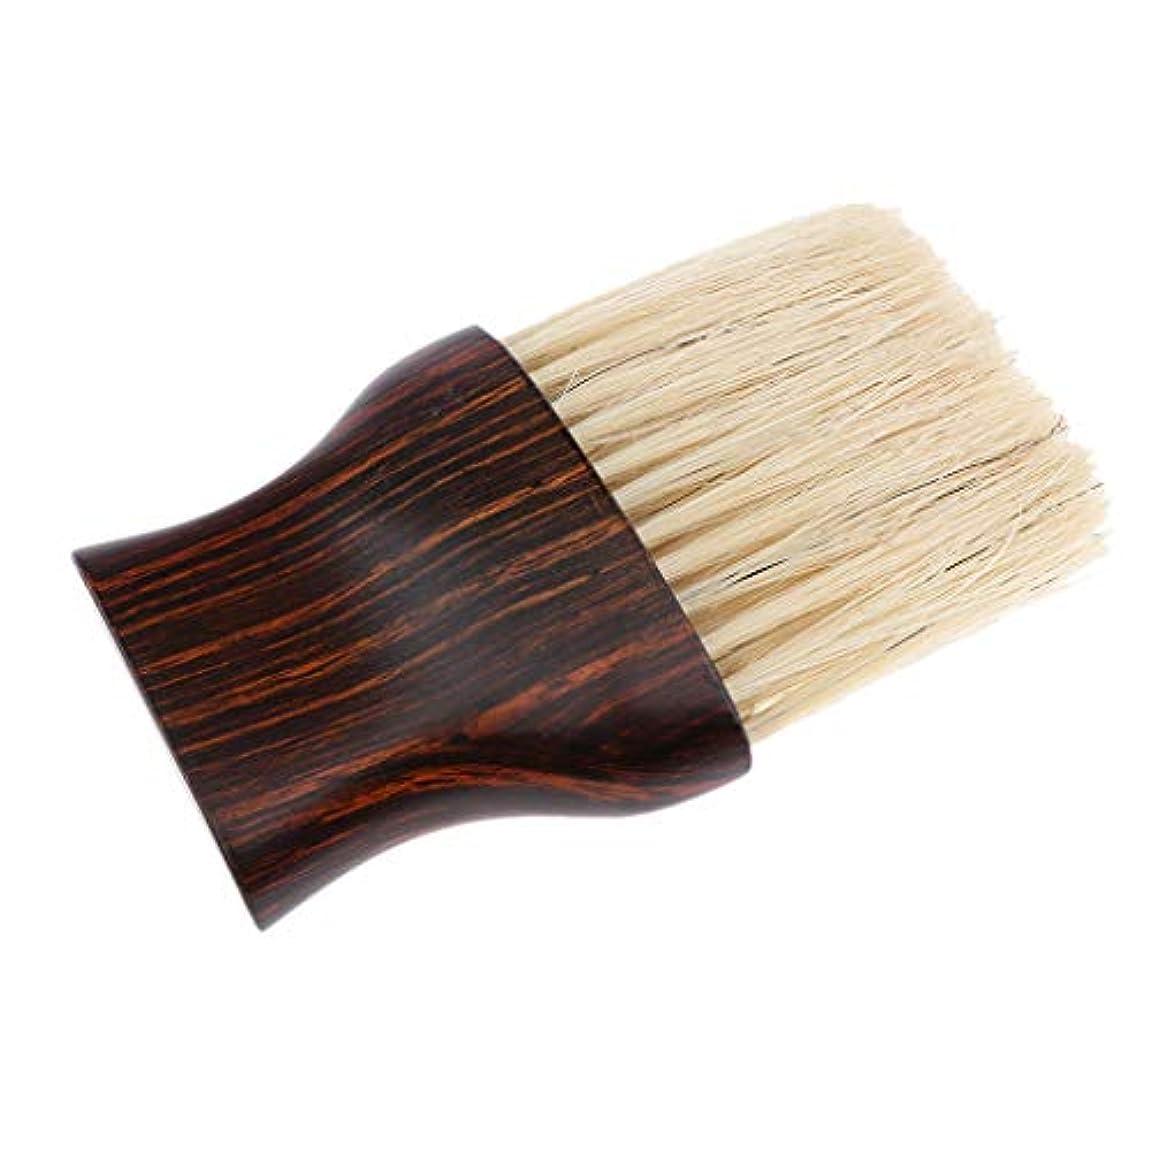 着服スティーブンソン高尚なInjoyo ヘアカットブラシネックダスタークリーニングヘアブラシ理容室快適な繊維の髪、木製ハンドル付き理髪ツール